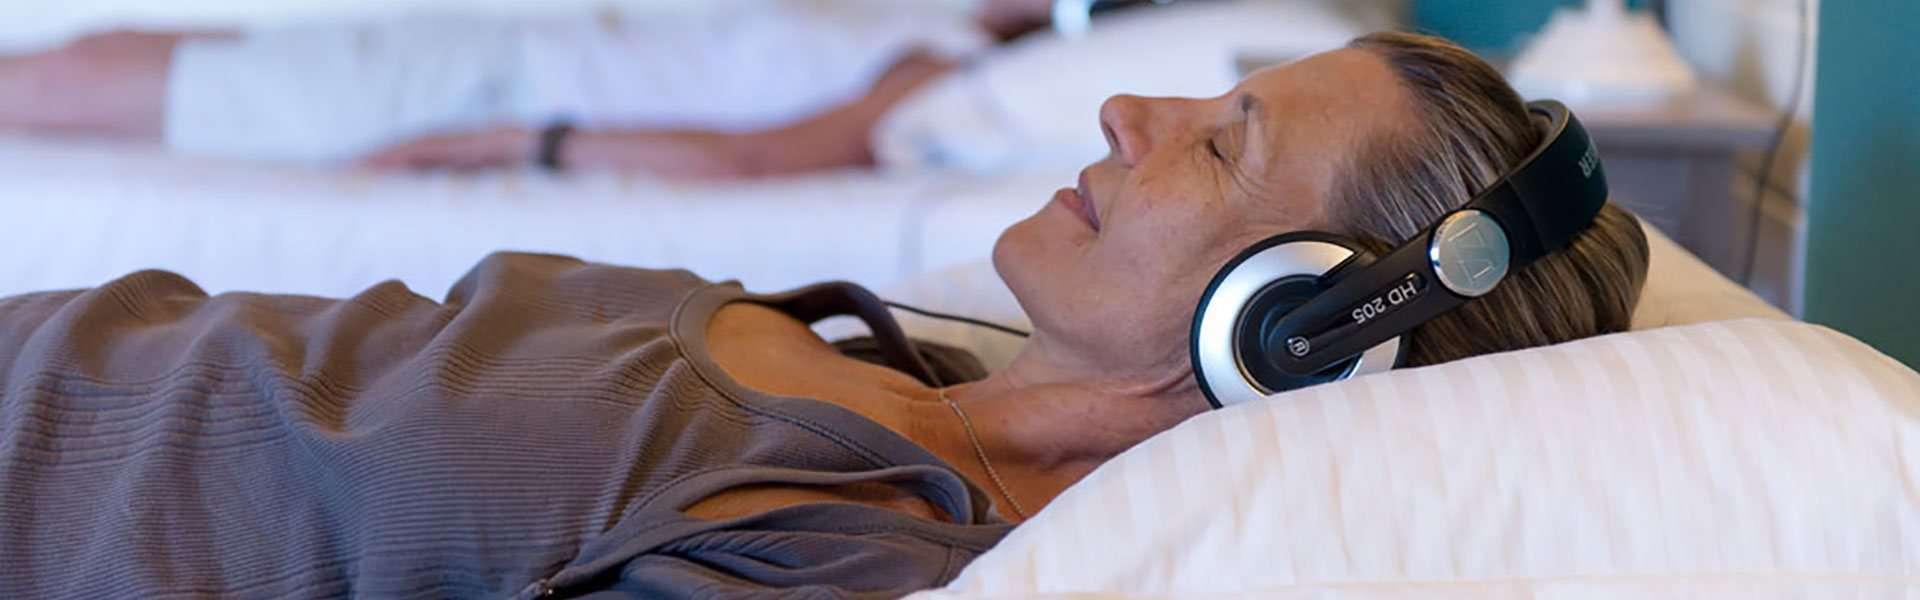 H μοναδική στην Ελλάδα ηχητική εγκατάσταση για ειδικές ασκήσεις